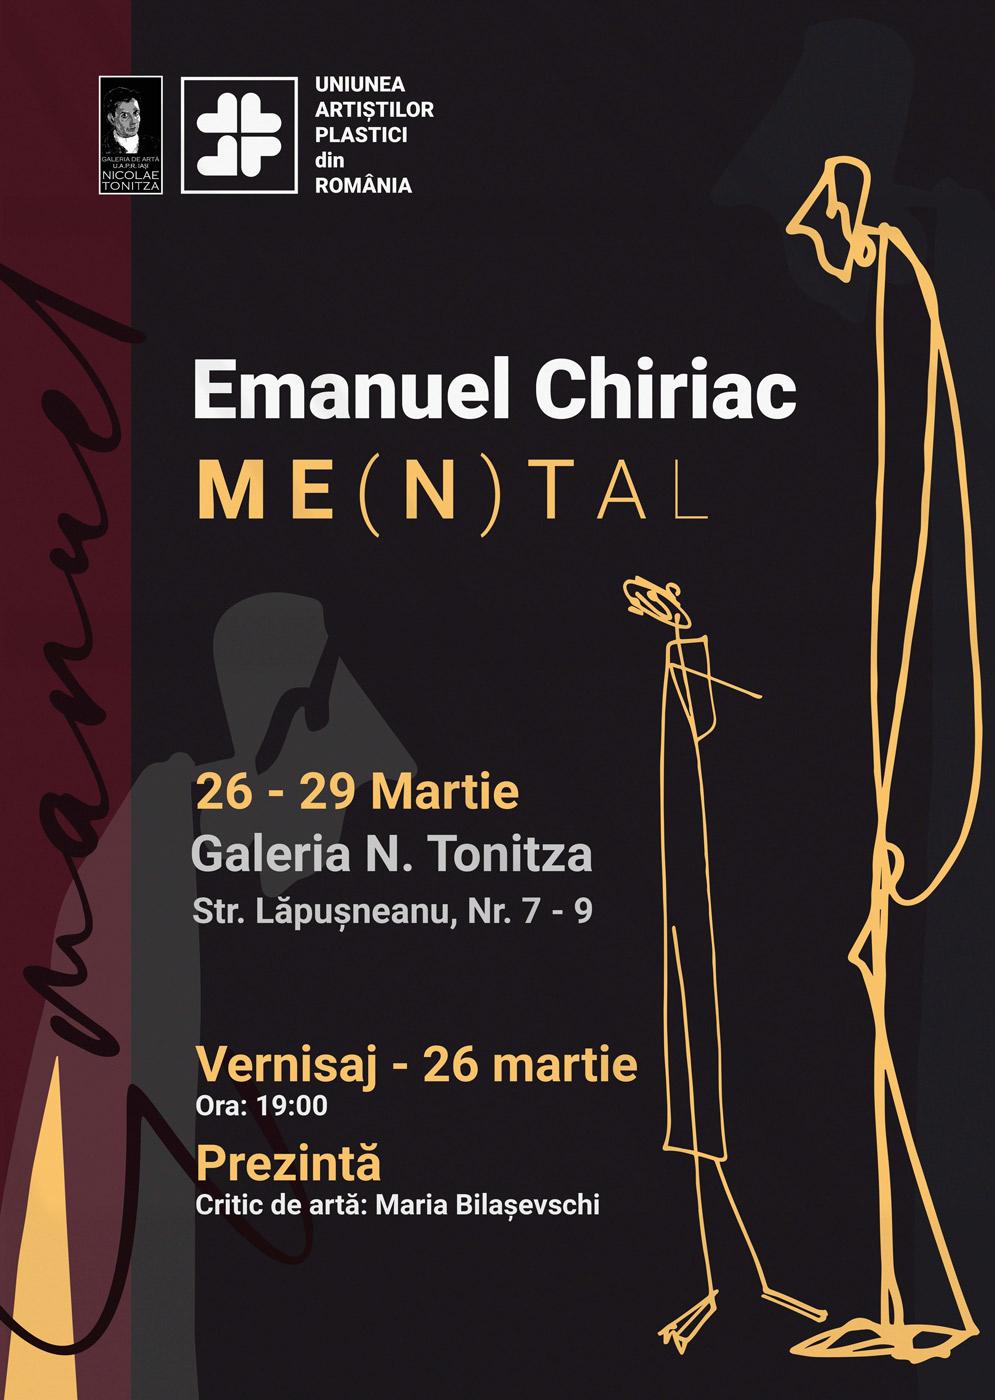 ME (N) TAL - Emanuel Chiriac